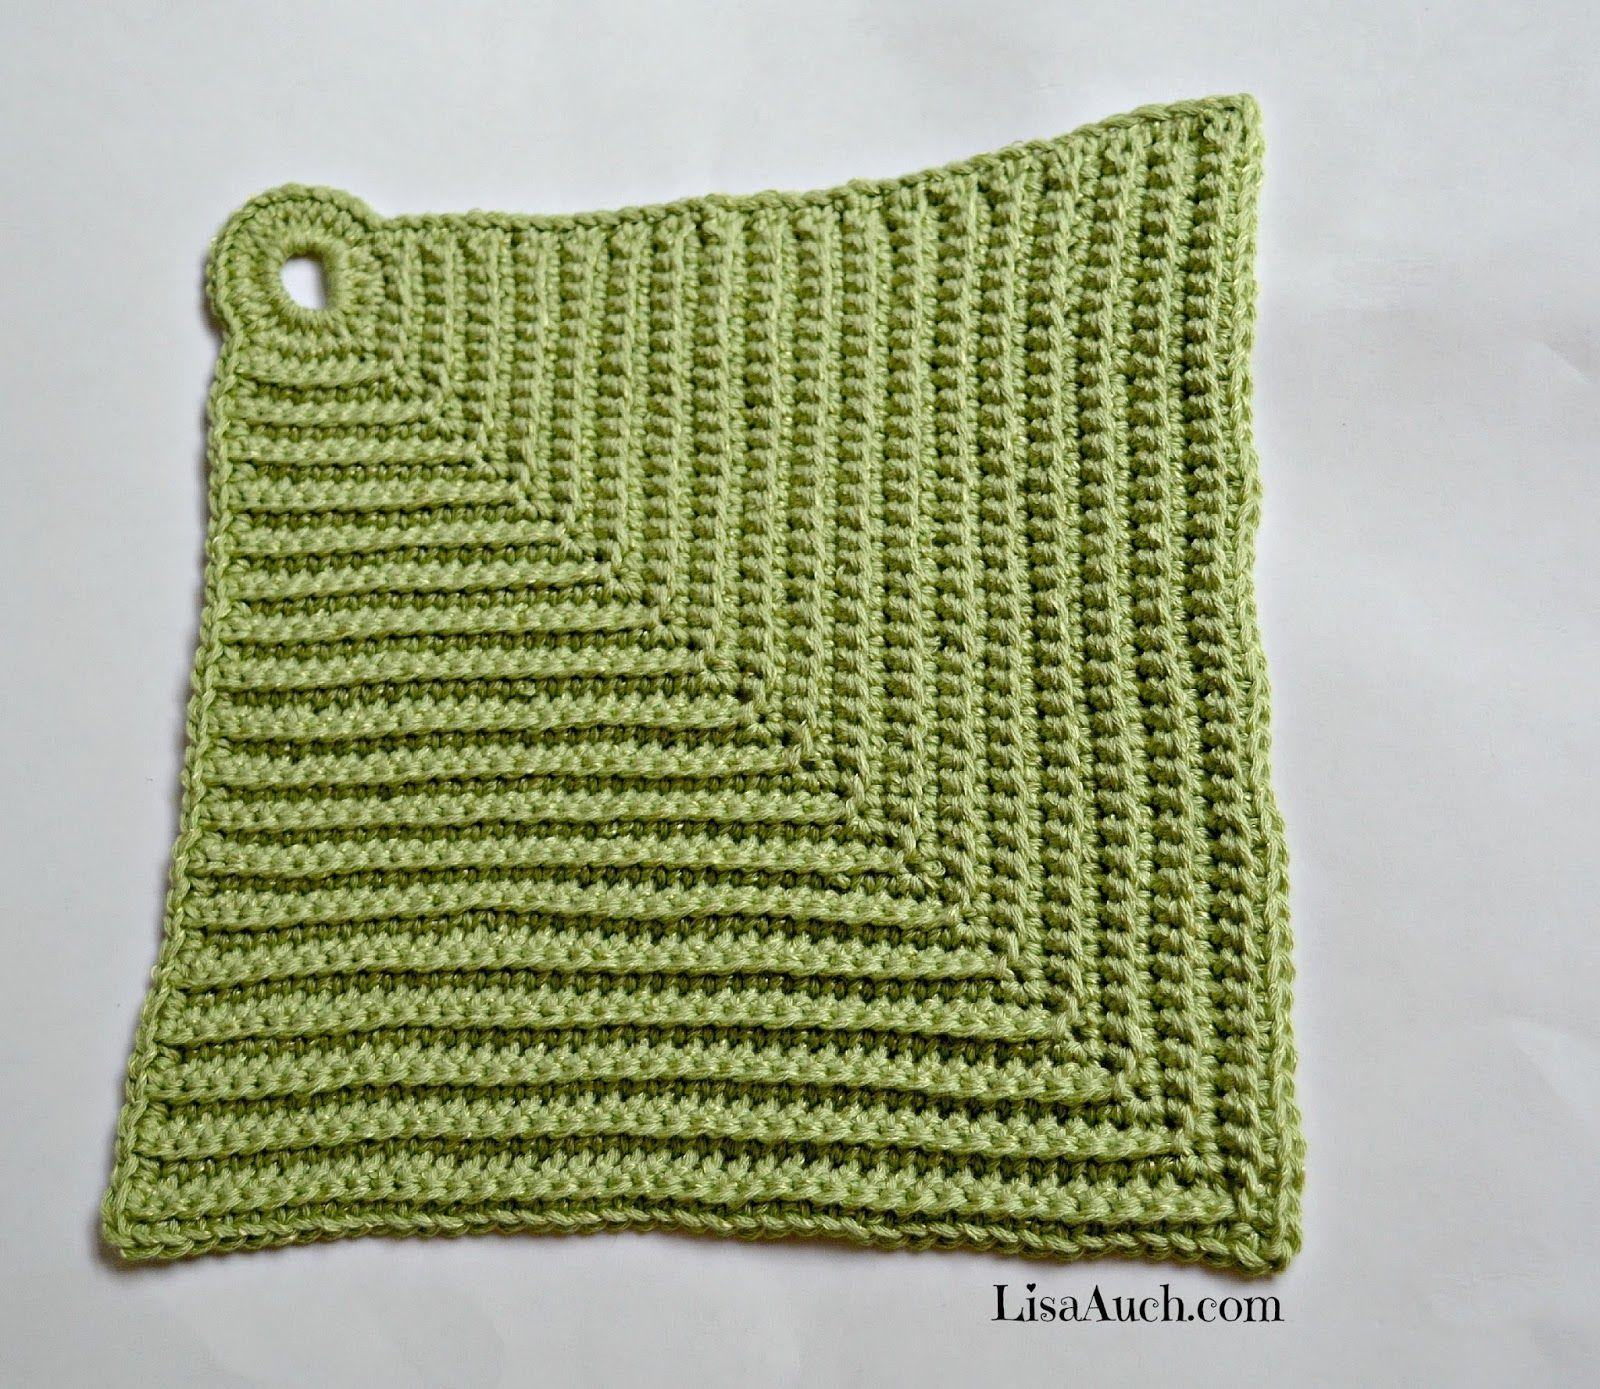 Crochet dishcloth pattern FREE Crochet Pattern | Crochet Favorites ...